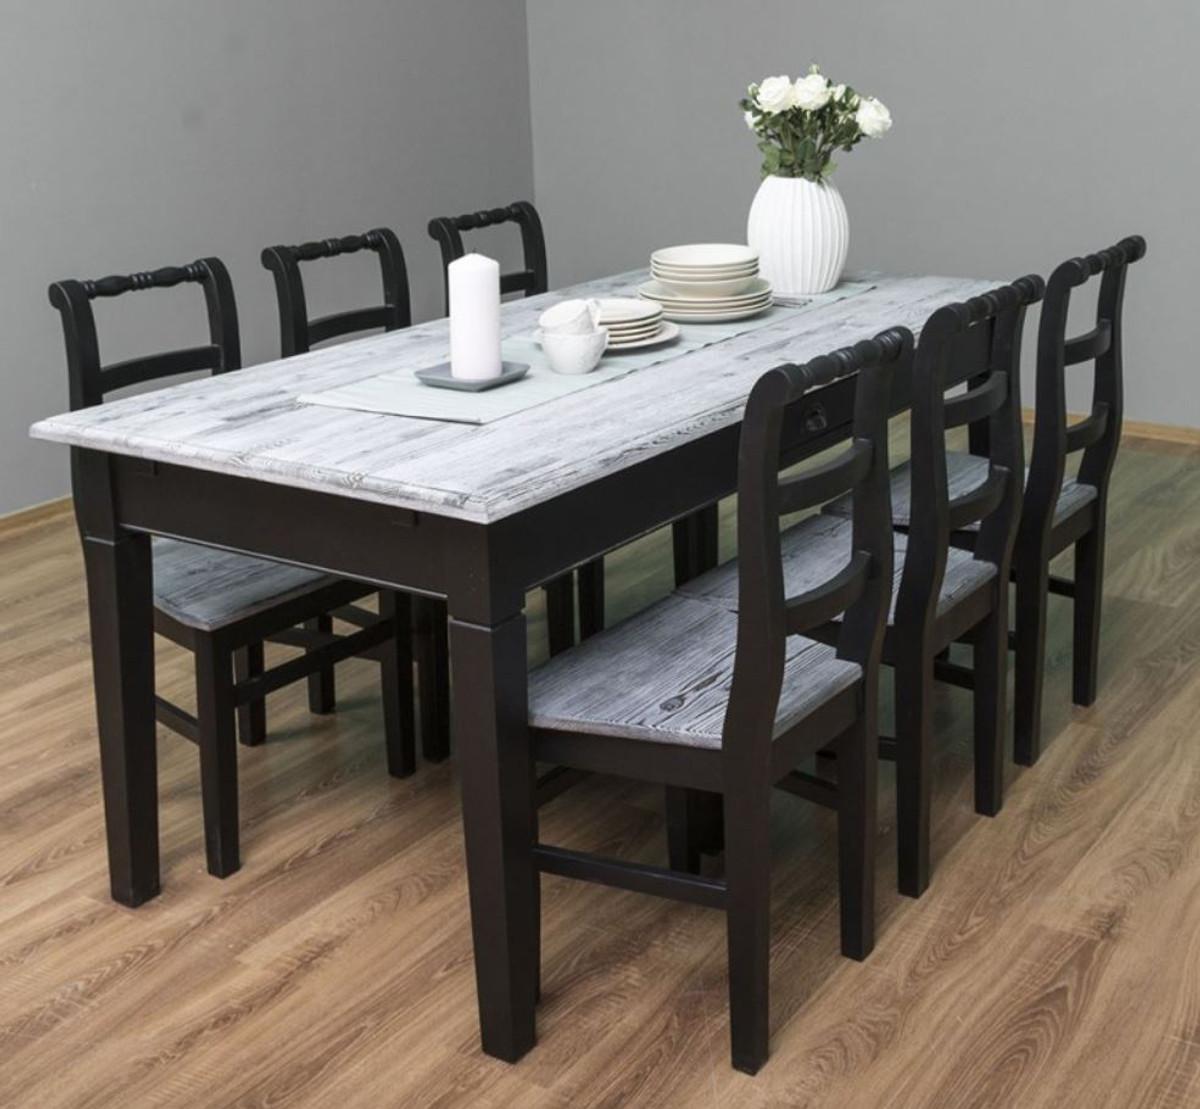 casa padrino ensemble de meubles de salle a manger de style campagnard blanc antique noir 1 table a manger et 6 chaises de salle a manger